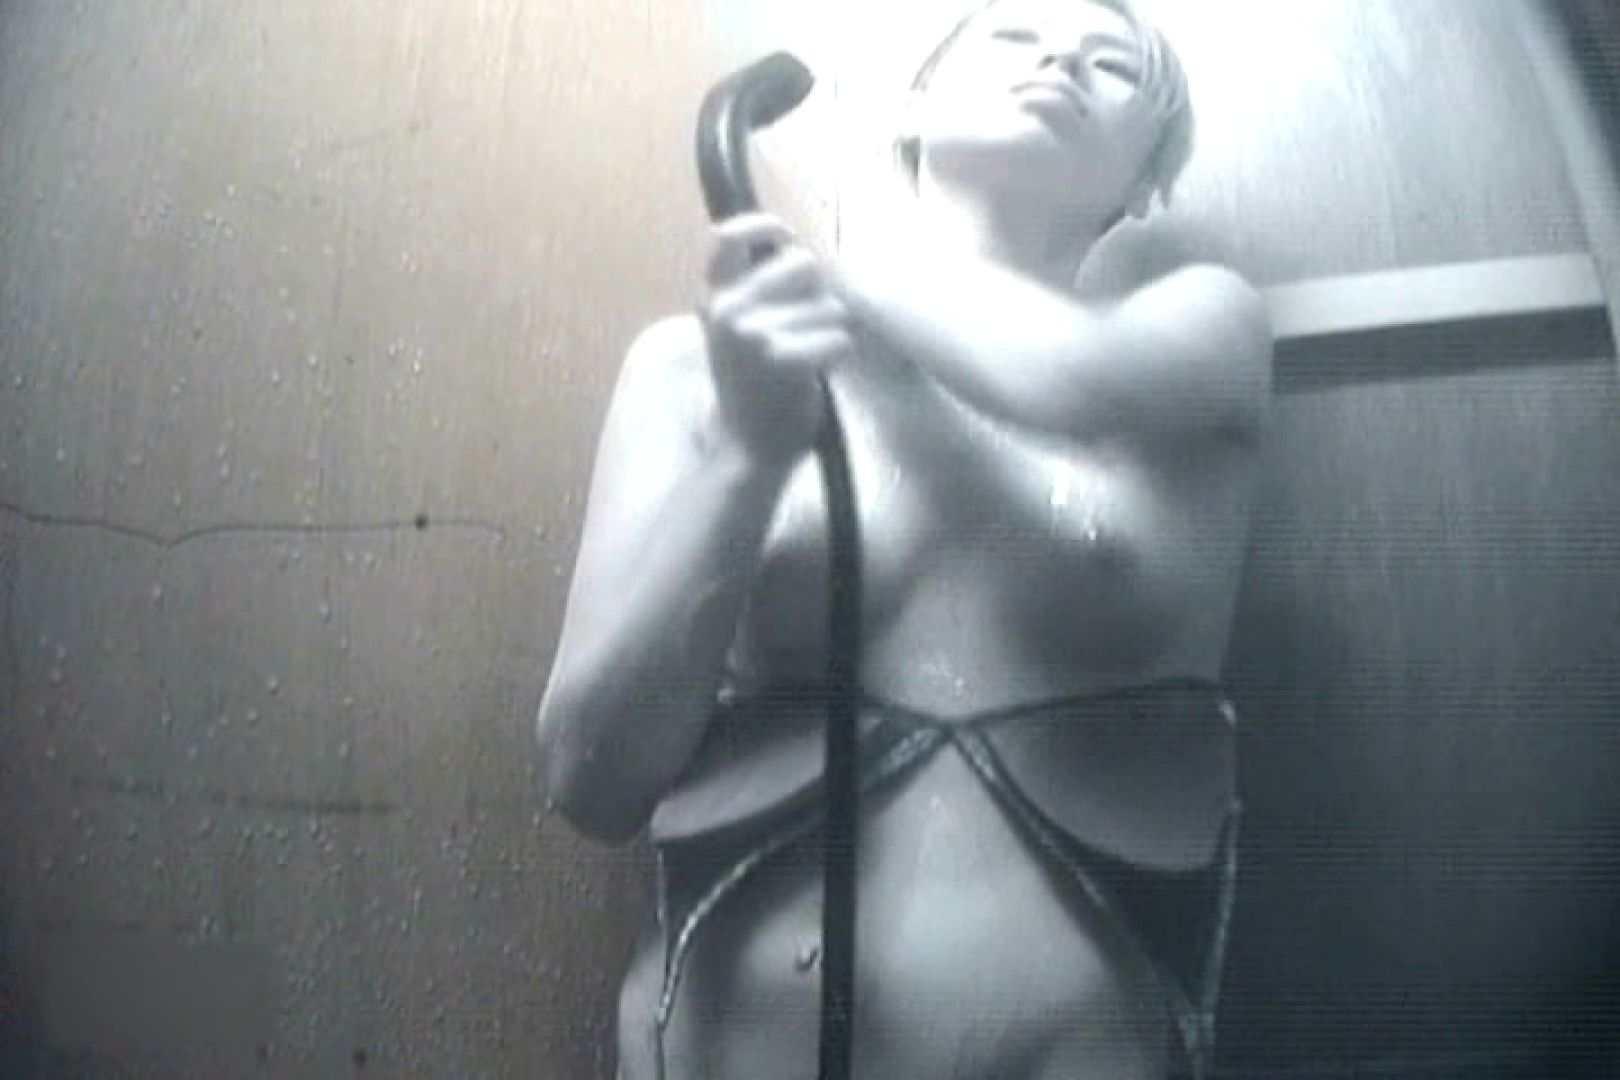 夏海シャワー室!ベトベトお肌をサラサラに!VOL.14 OLセックス 盗撮オメコ無修正動画無料 62画像 2